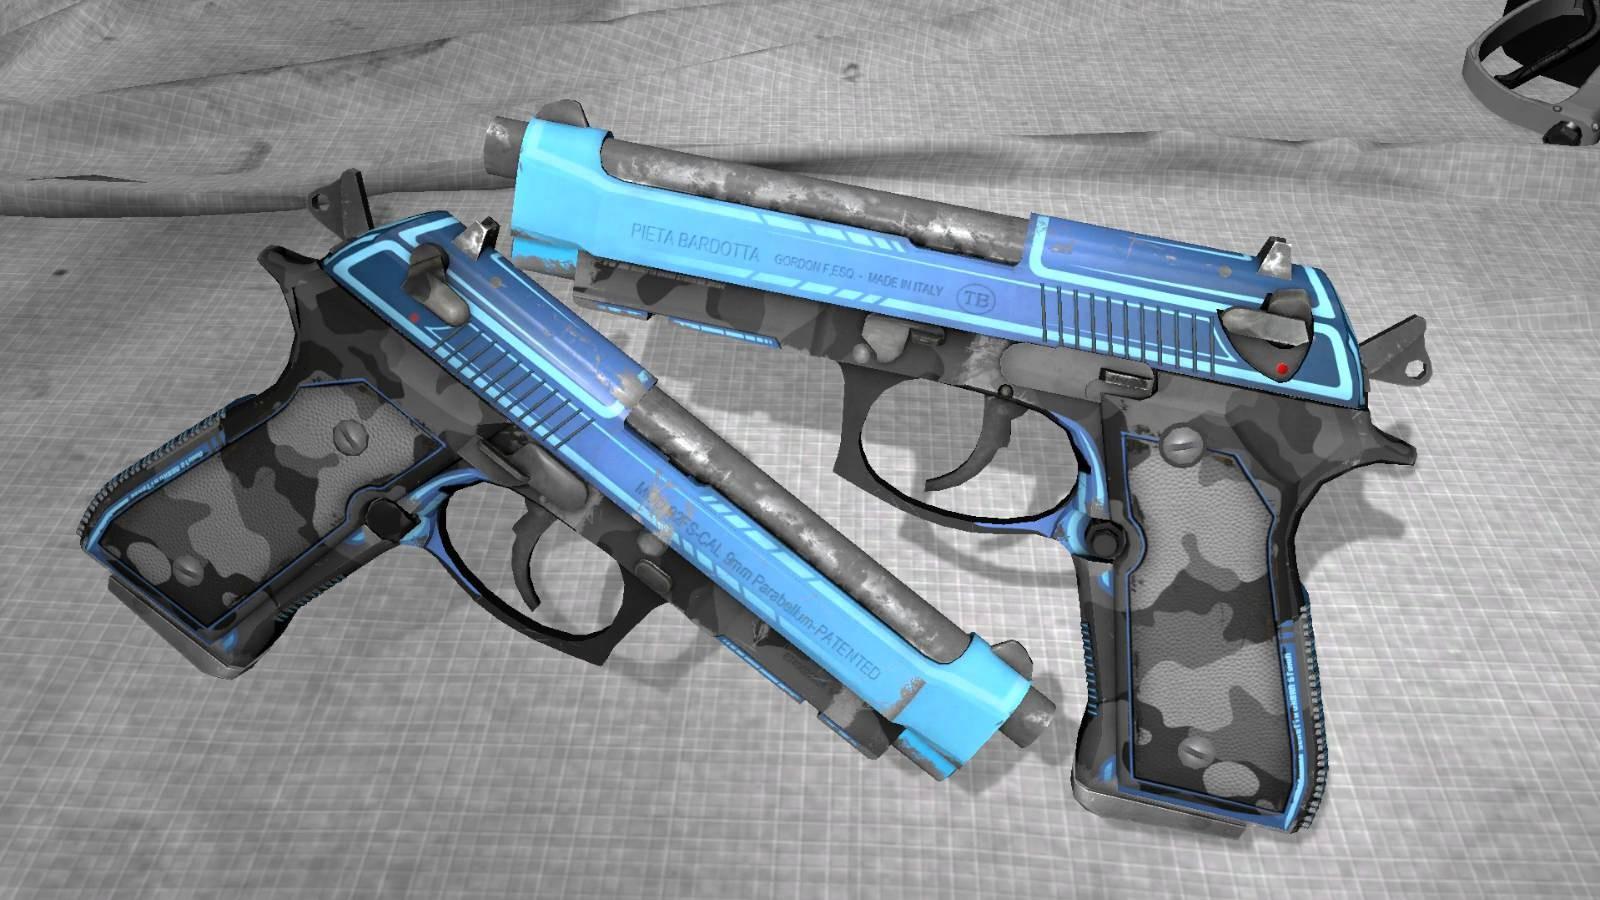 دانلود اسکین دو کلت CS:GO Dual Berettas برای کانتر استریک 1.6